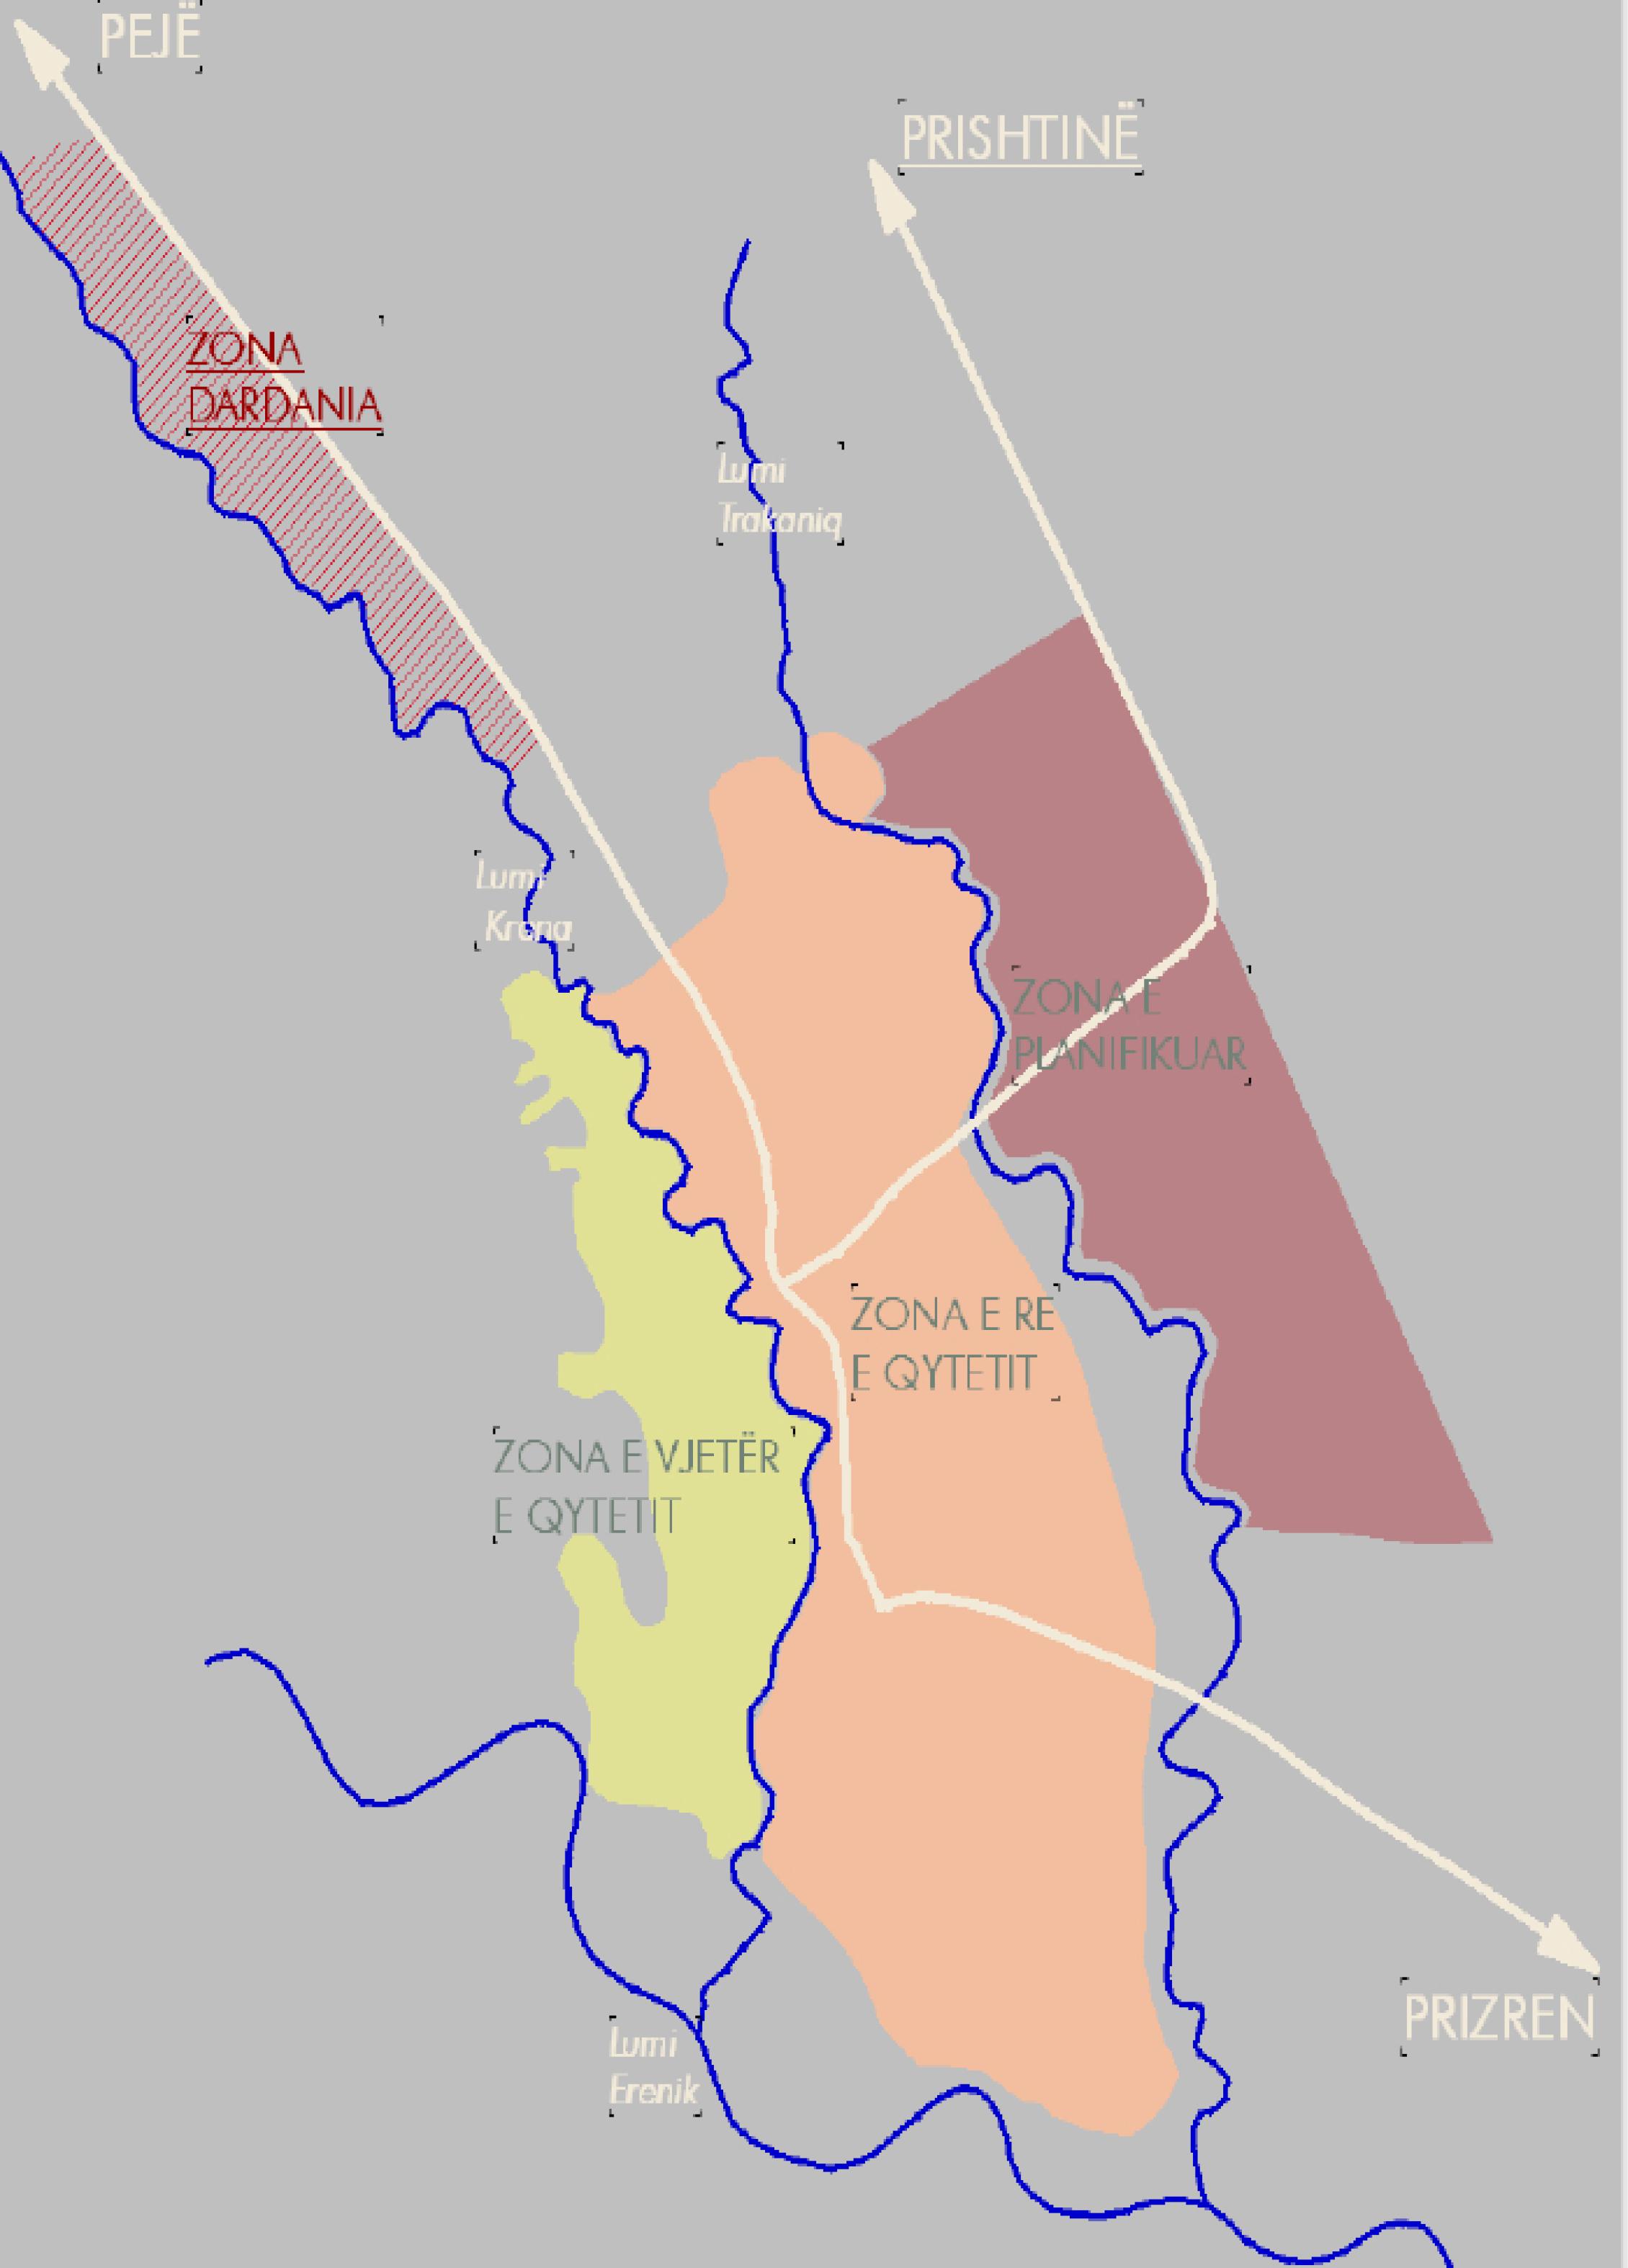 dardania perendimore - Year: 2004 Location: Gjakova, KosovoClient: Municipality of GjakovaUrban Regulatory Plan